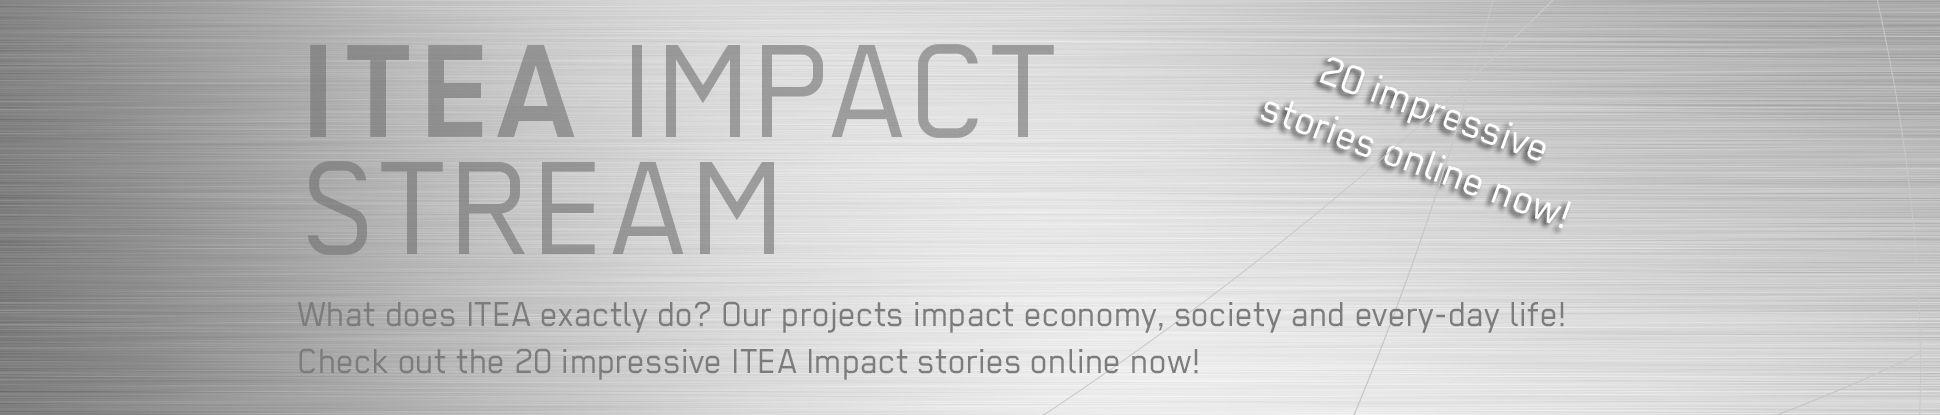 Jumbotron ITEA Impact stream dec 2018